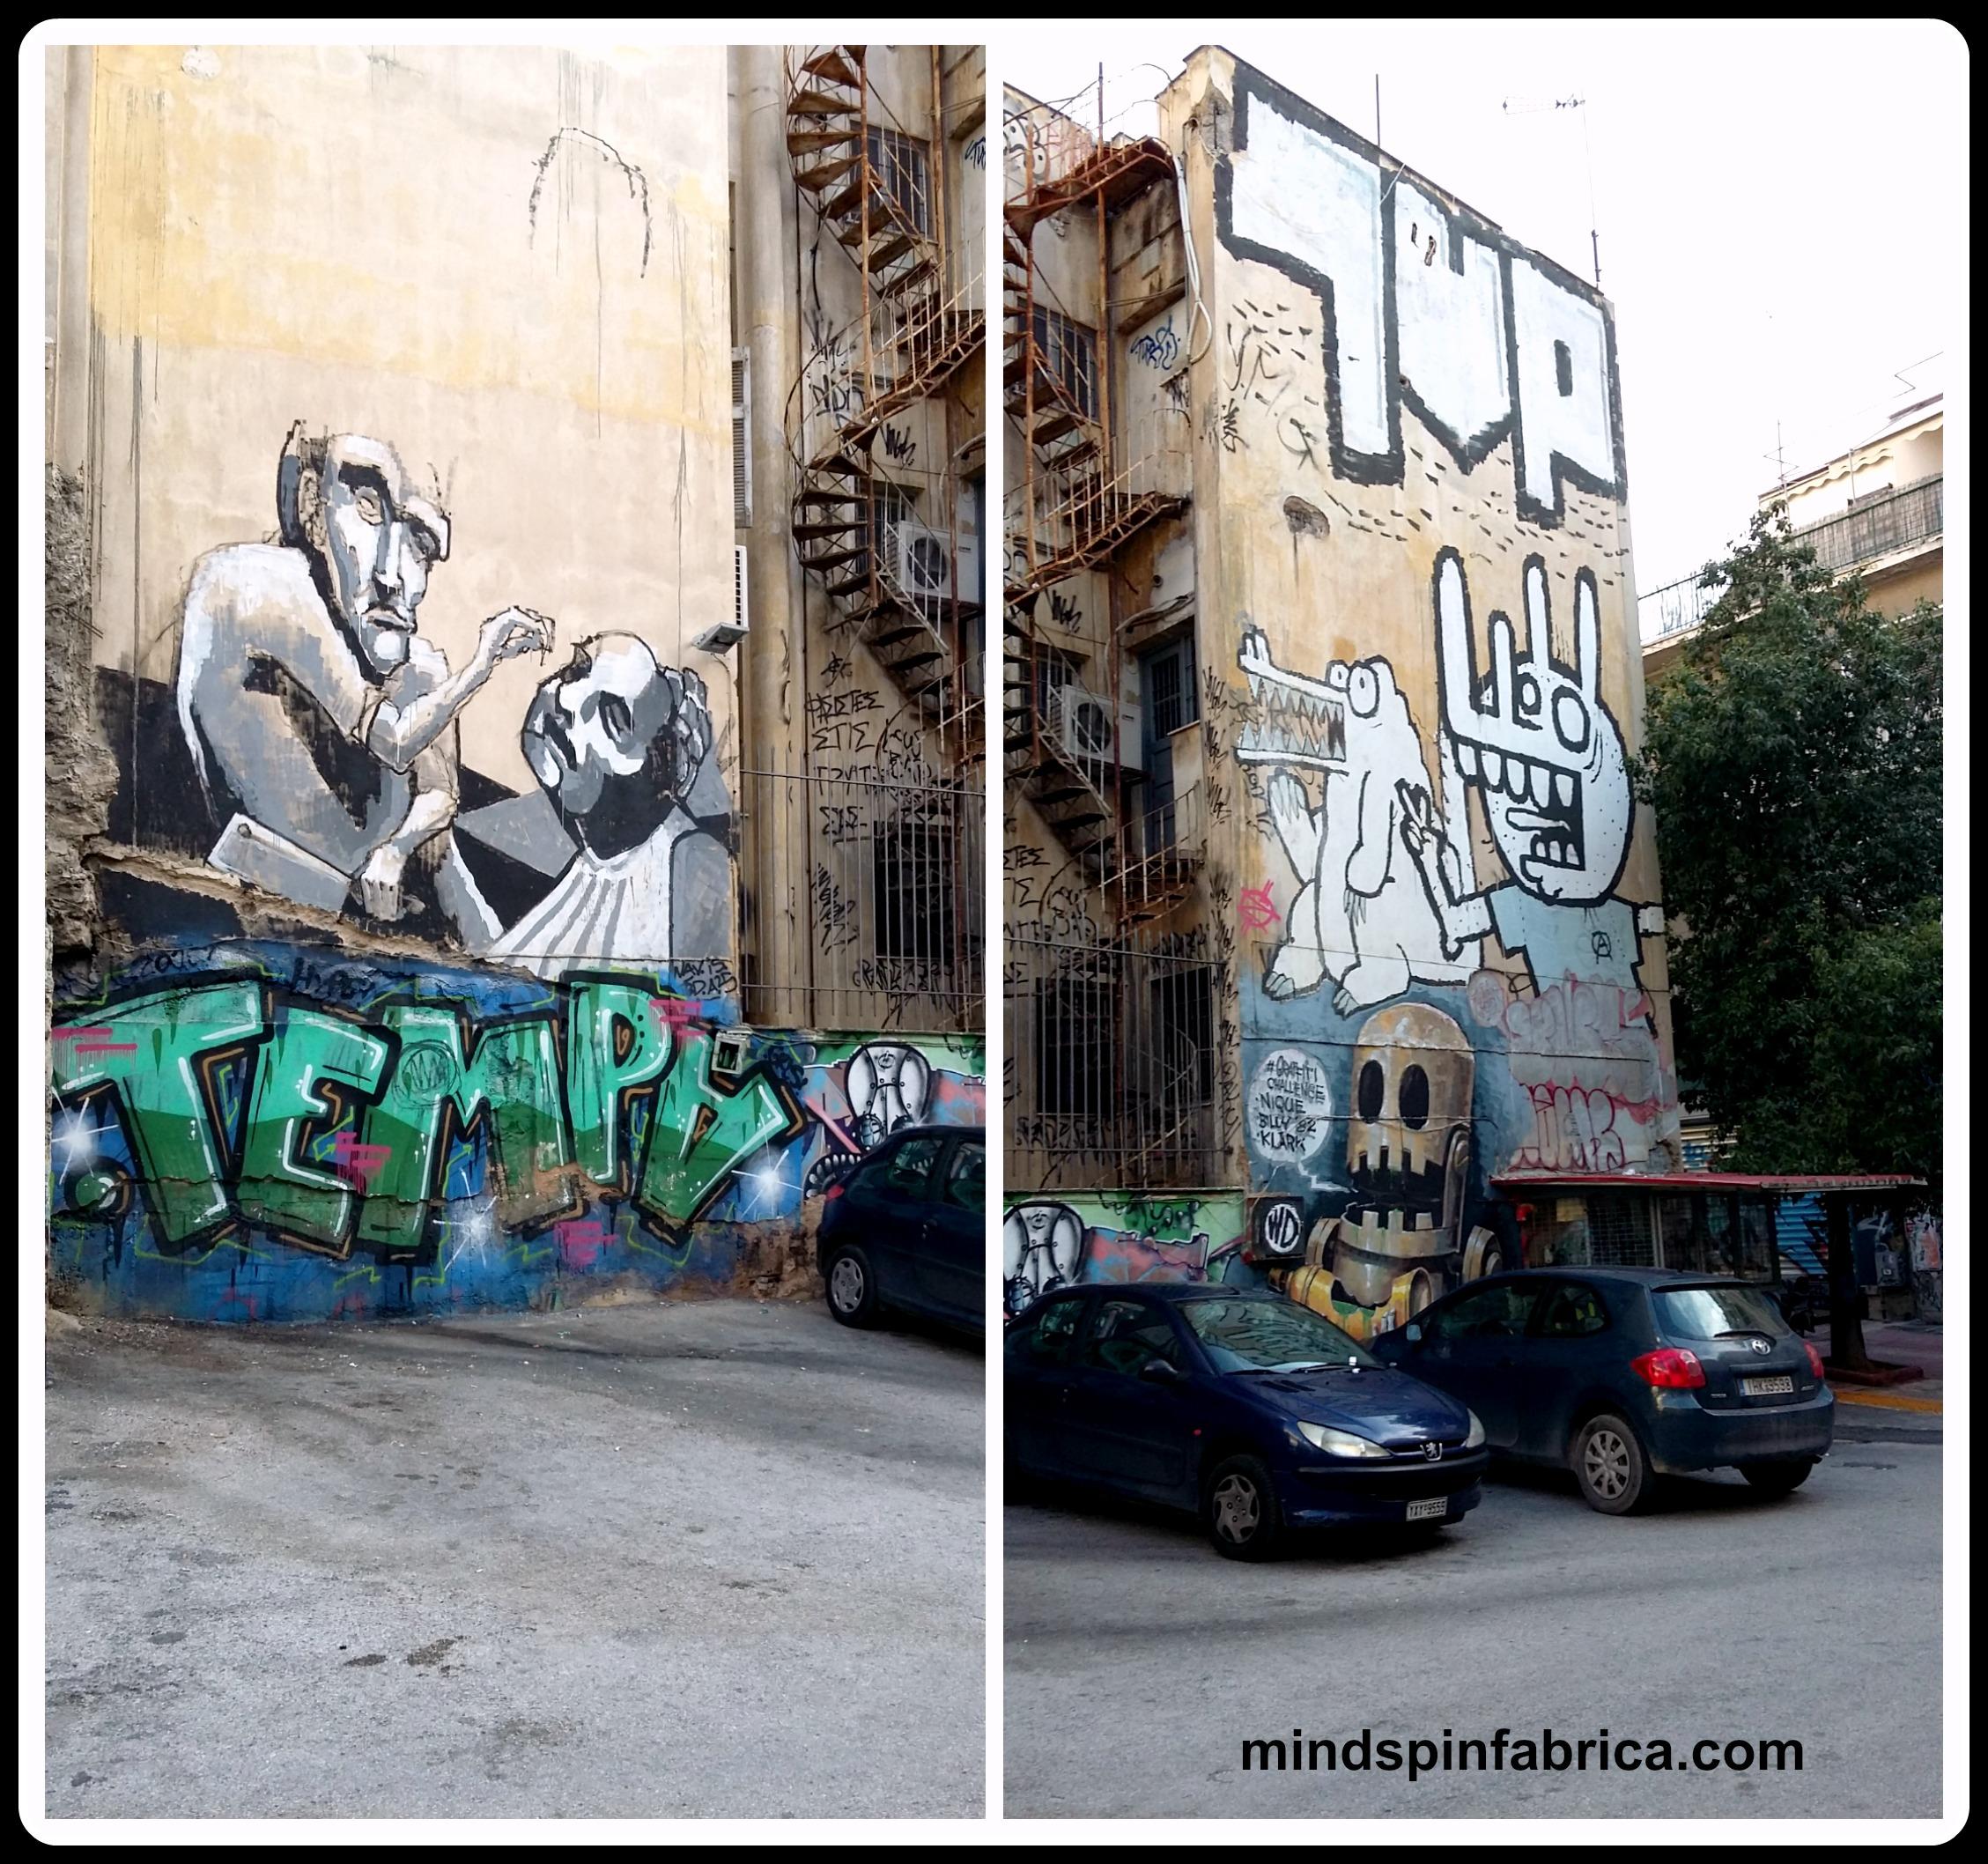 mindspinfabrica.com_graffiti at Exarchia, Athens